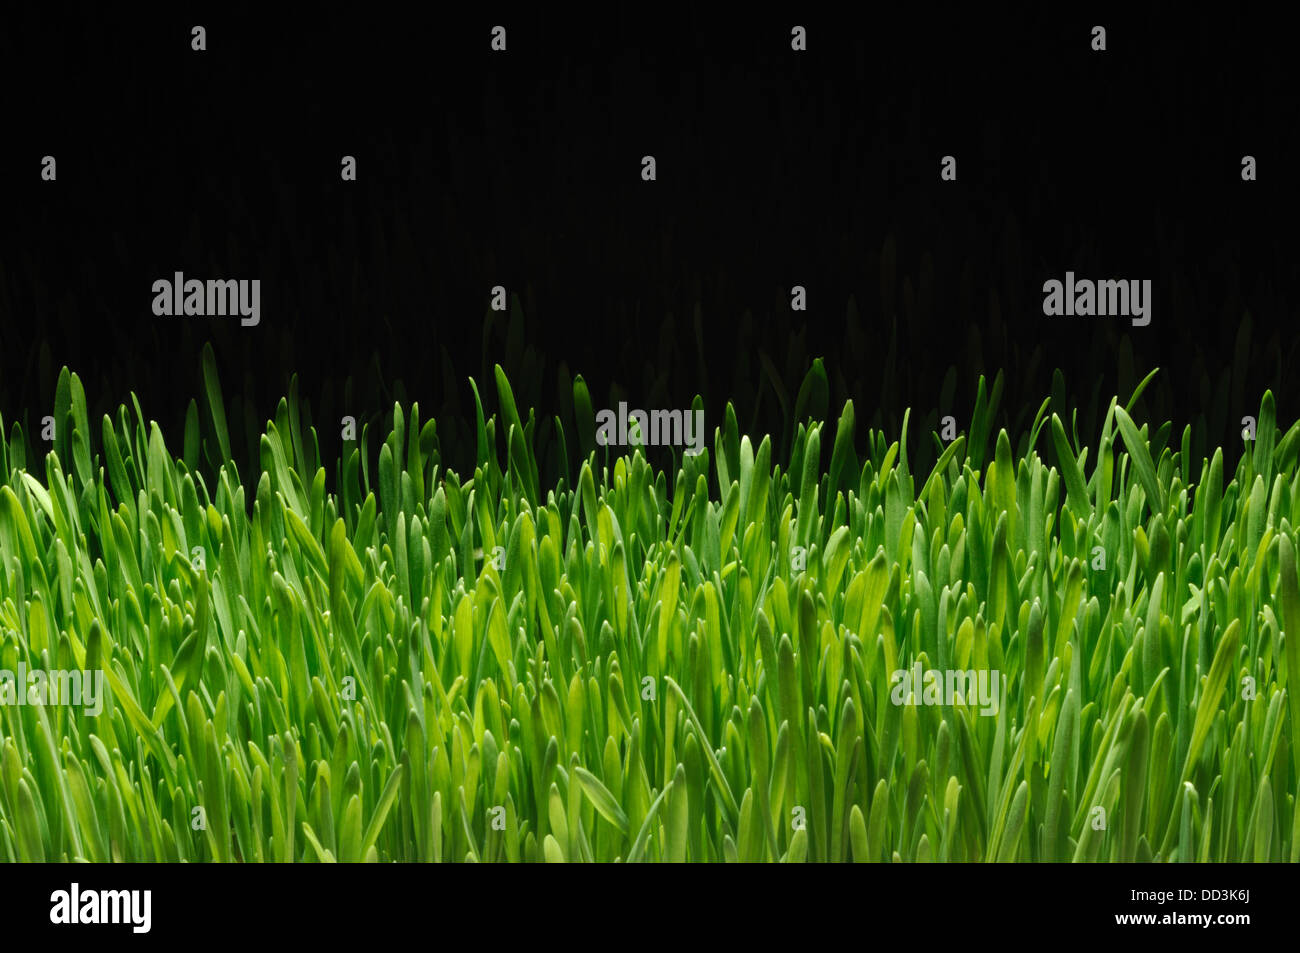 Una sección de hierba verde que crece sobre un fondo negro Imagen De Stock